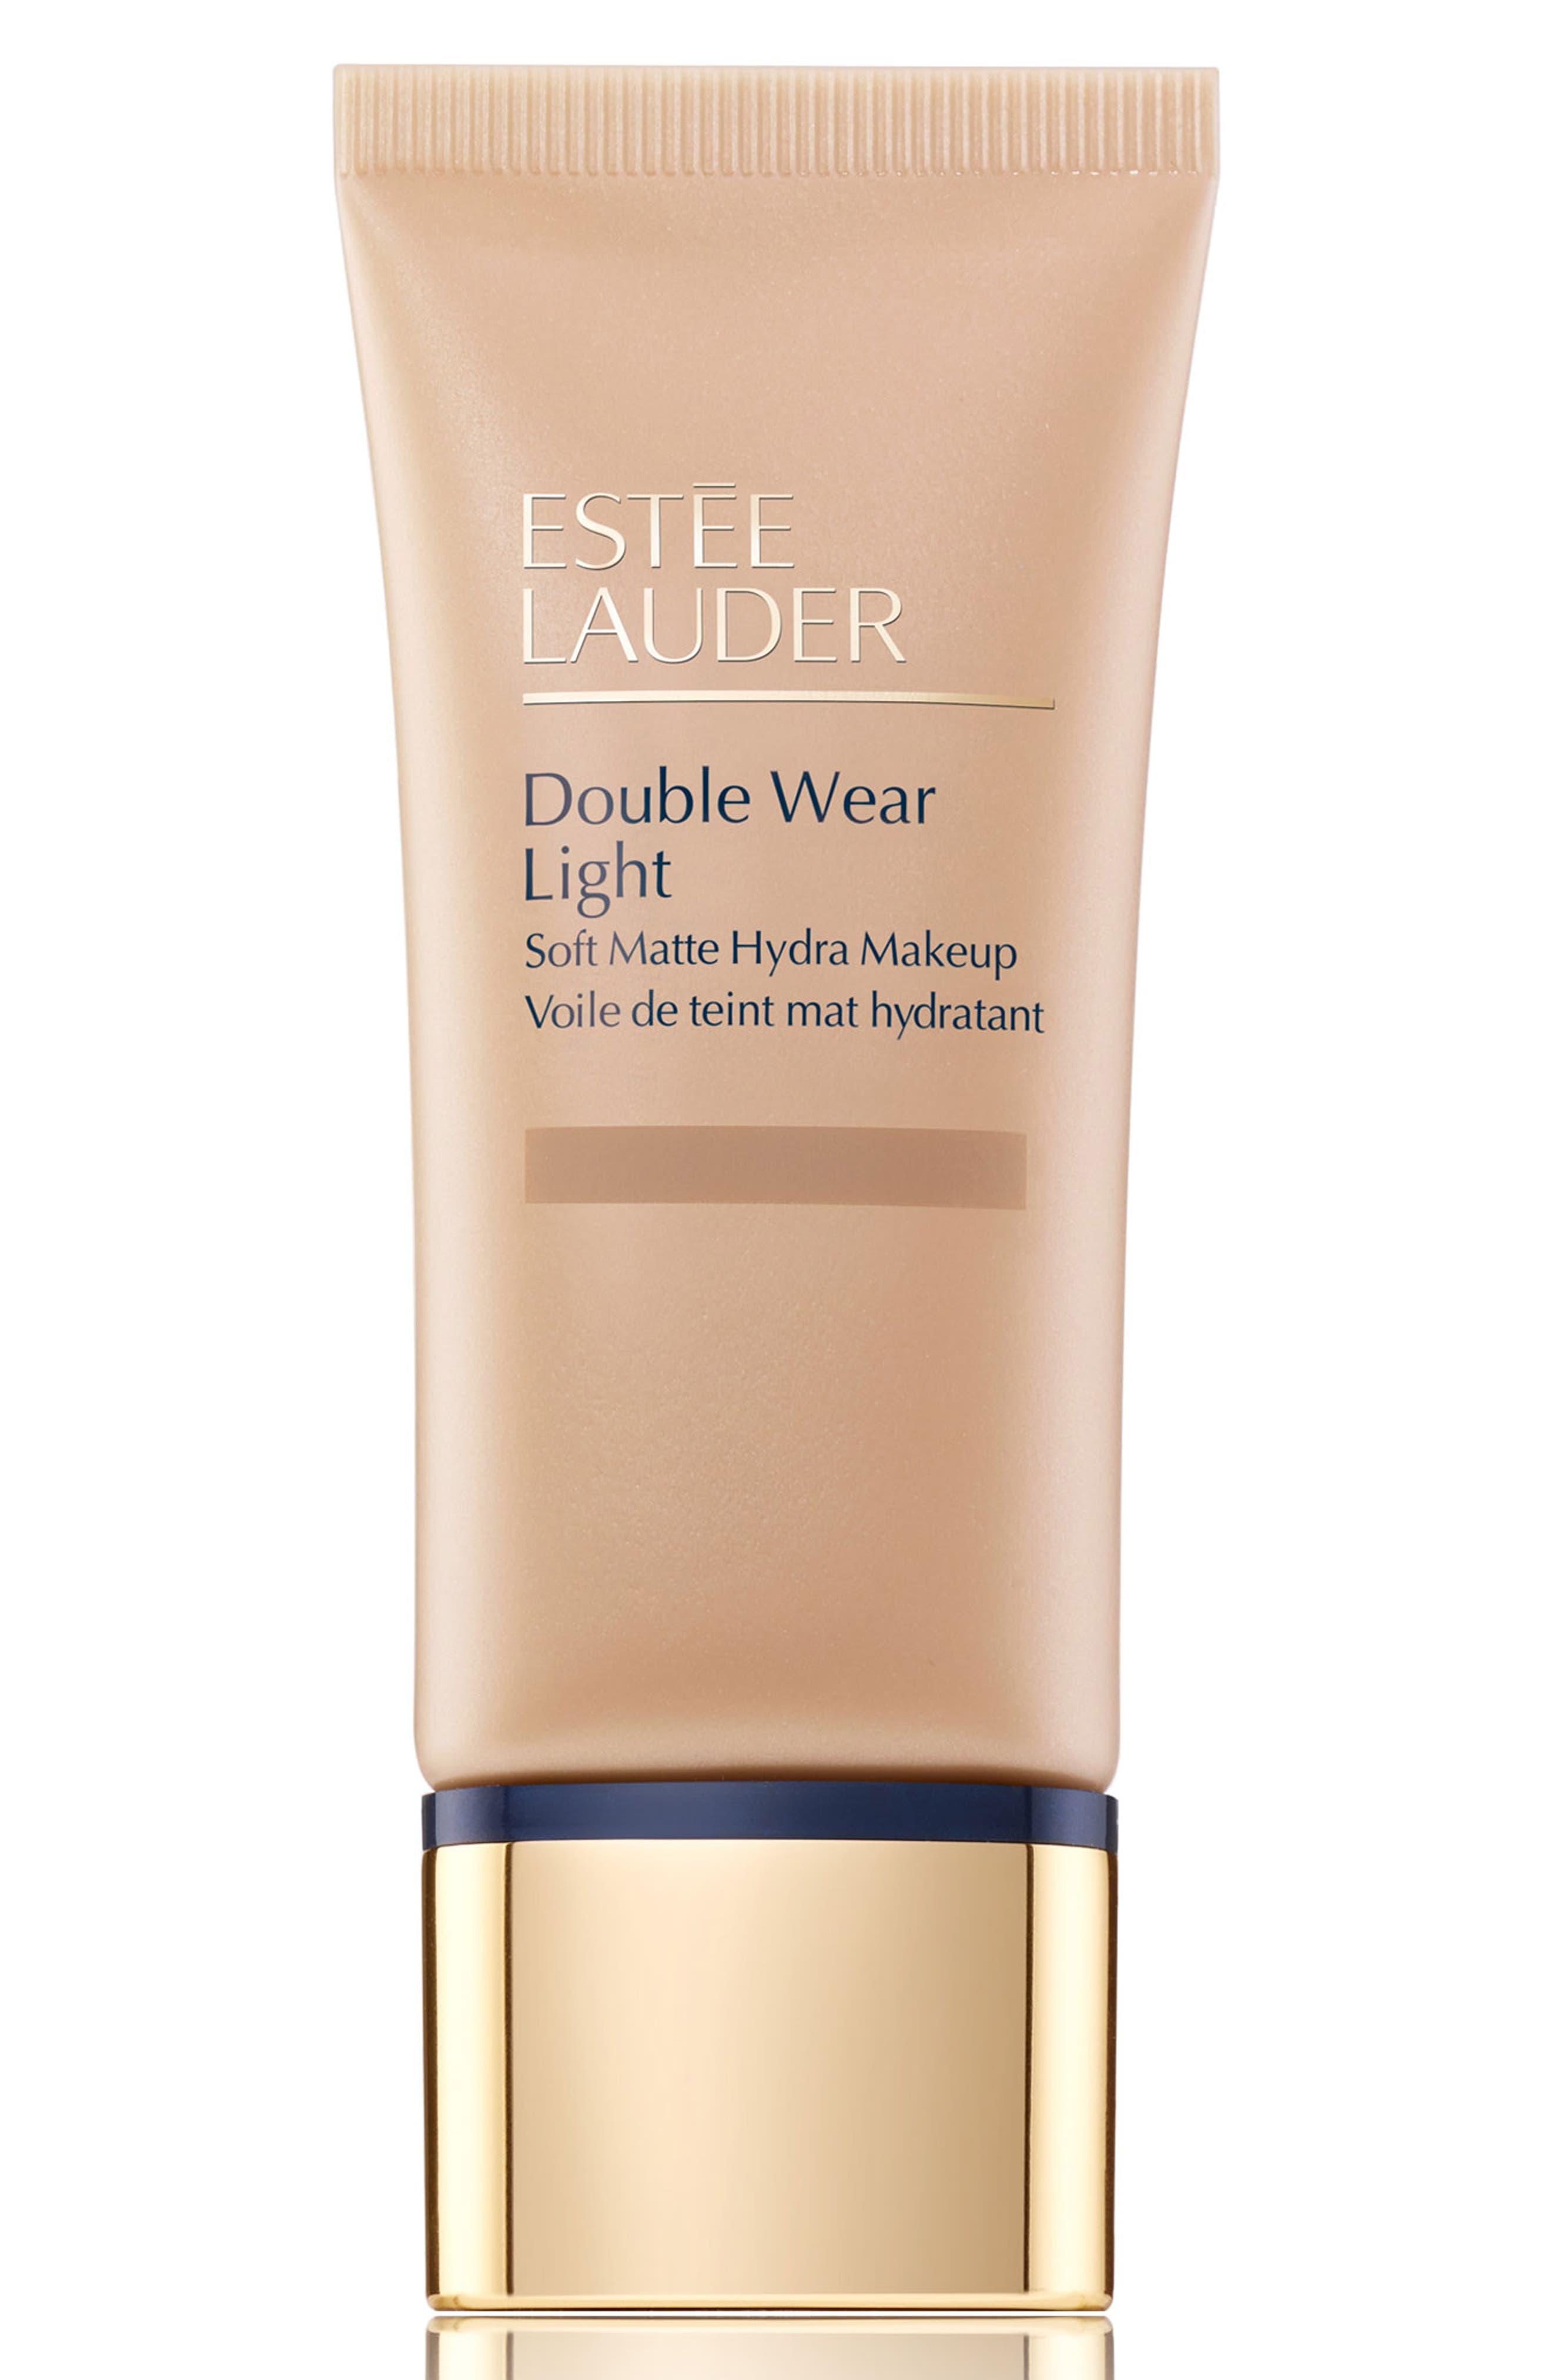 Estee Lauder Double Wear Light Soft Matte Hydra Makeup - 3C2 Pebble